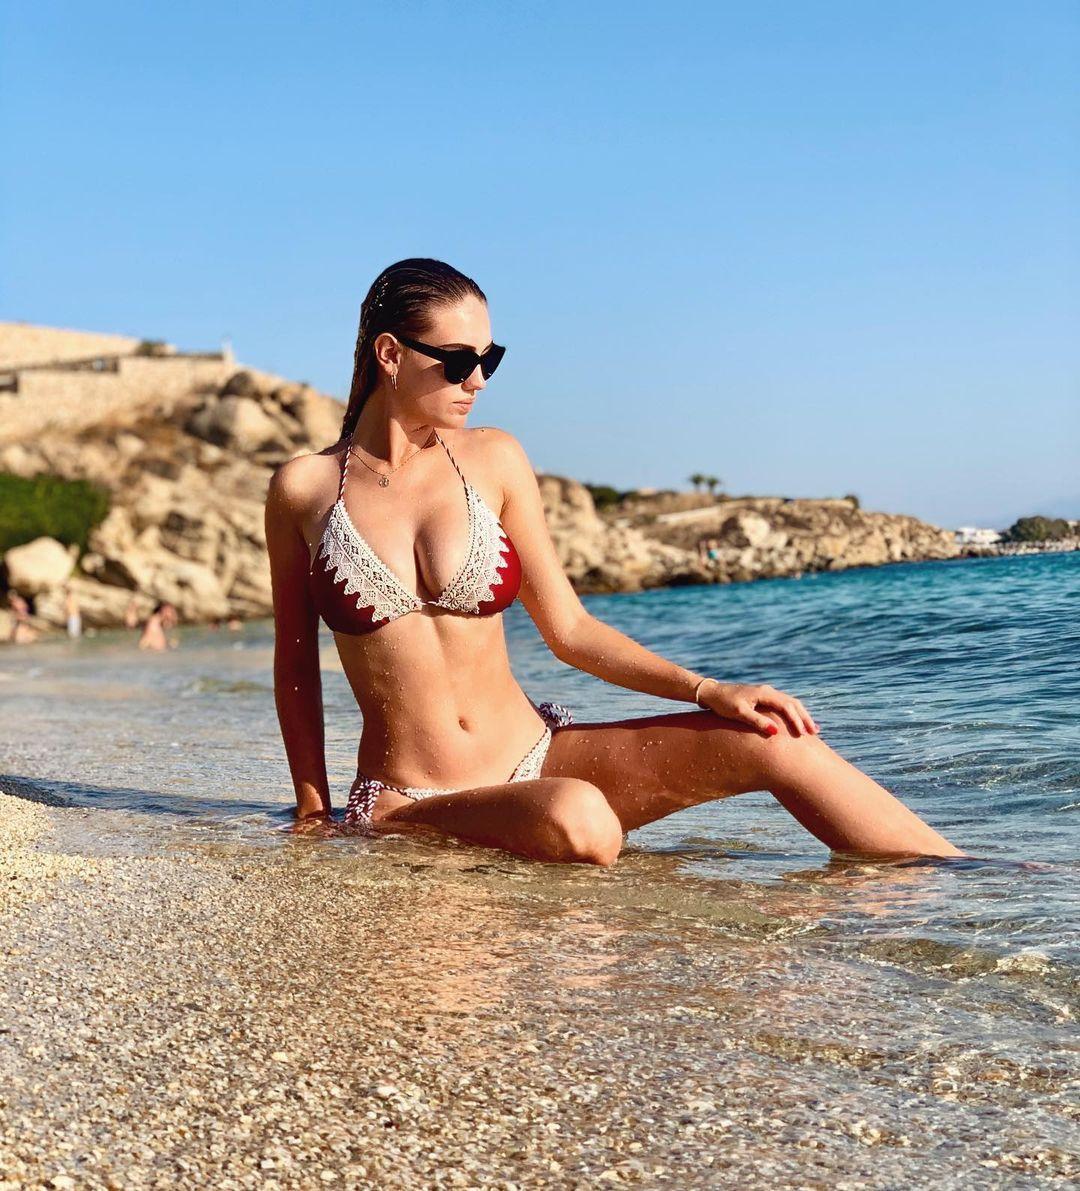 Nhan sắc xinh đẹp của tân Hoa hậu Trái đất Cộng hòa Czech 2021 - Ảnh 7.